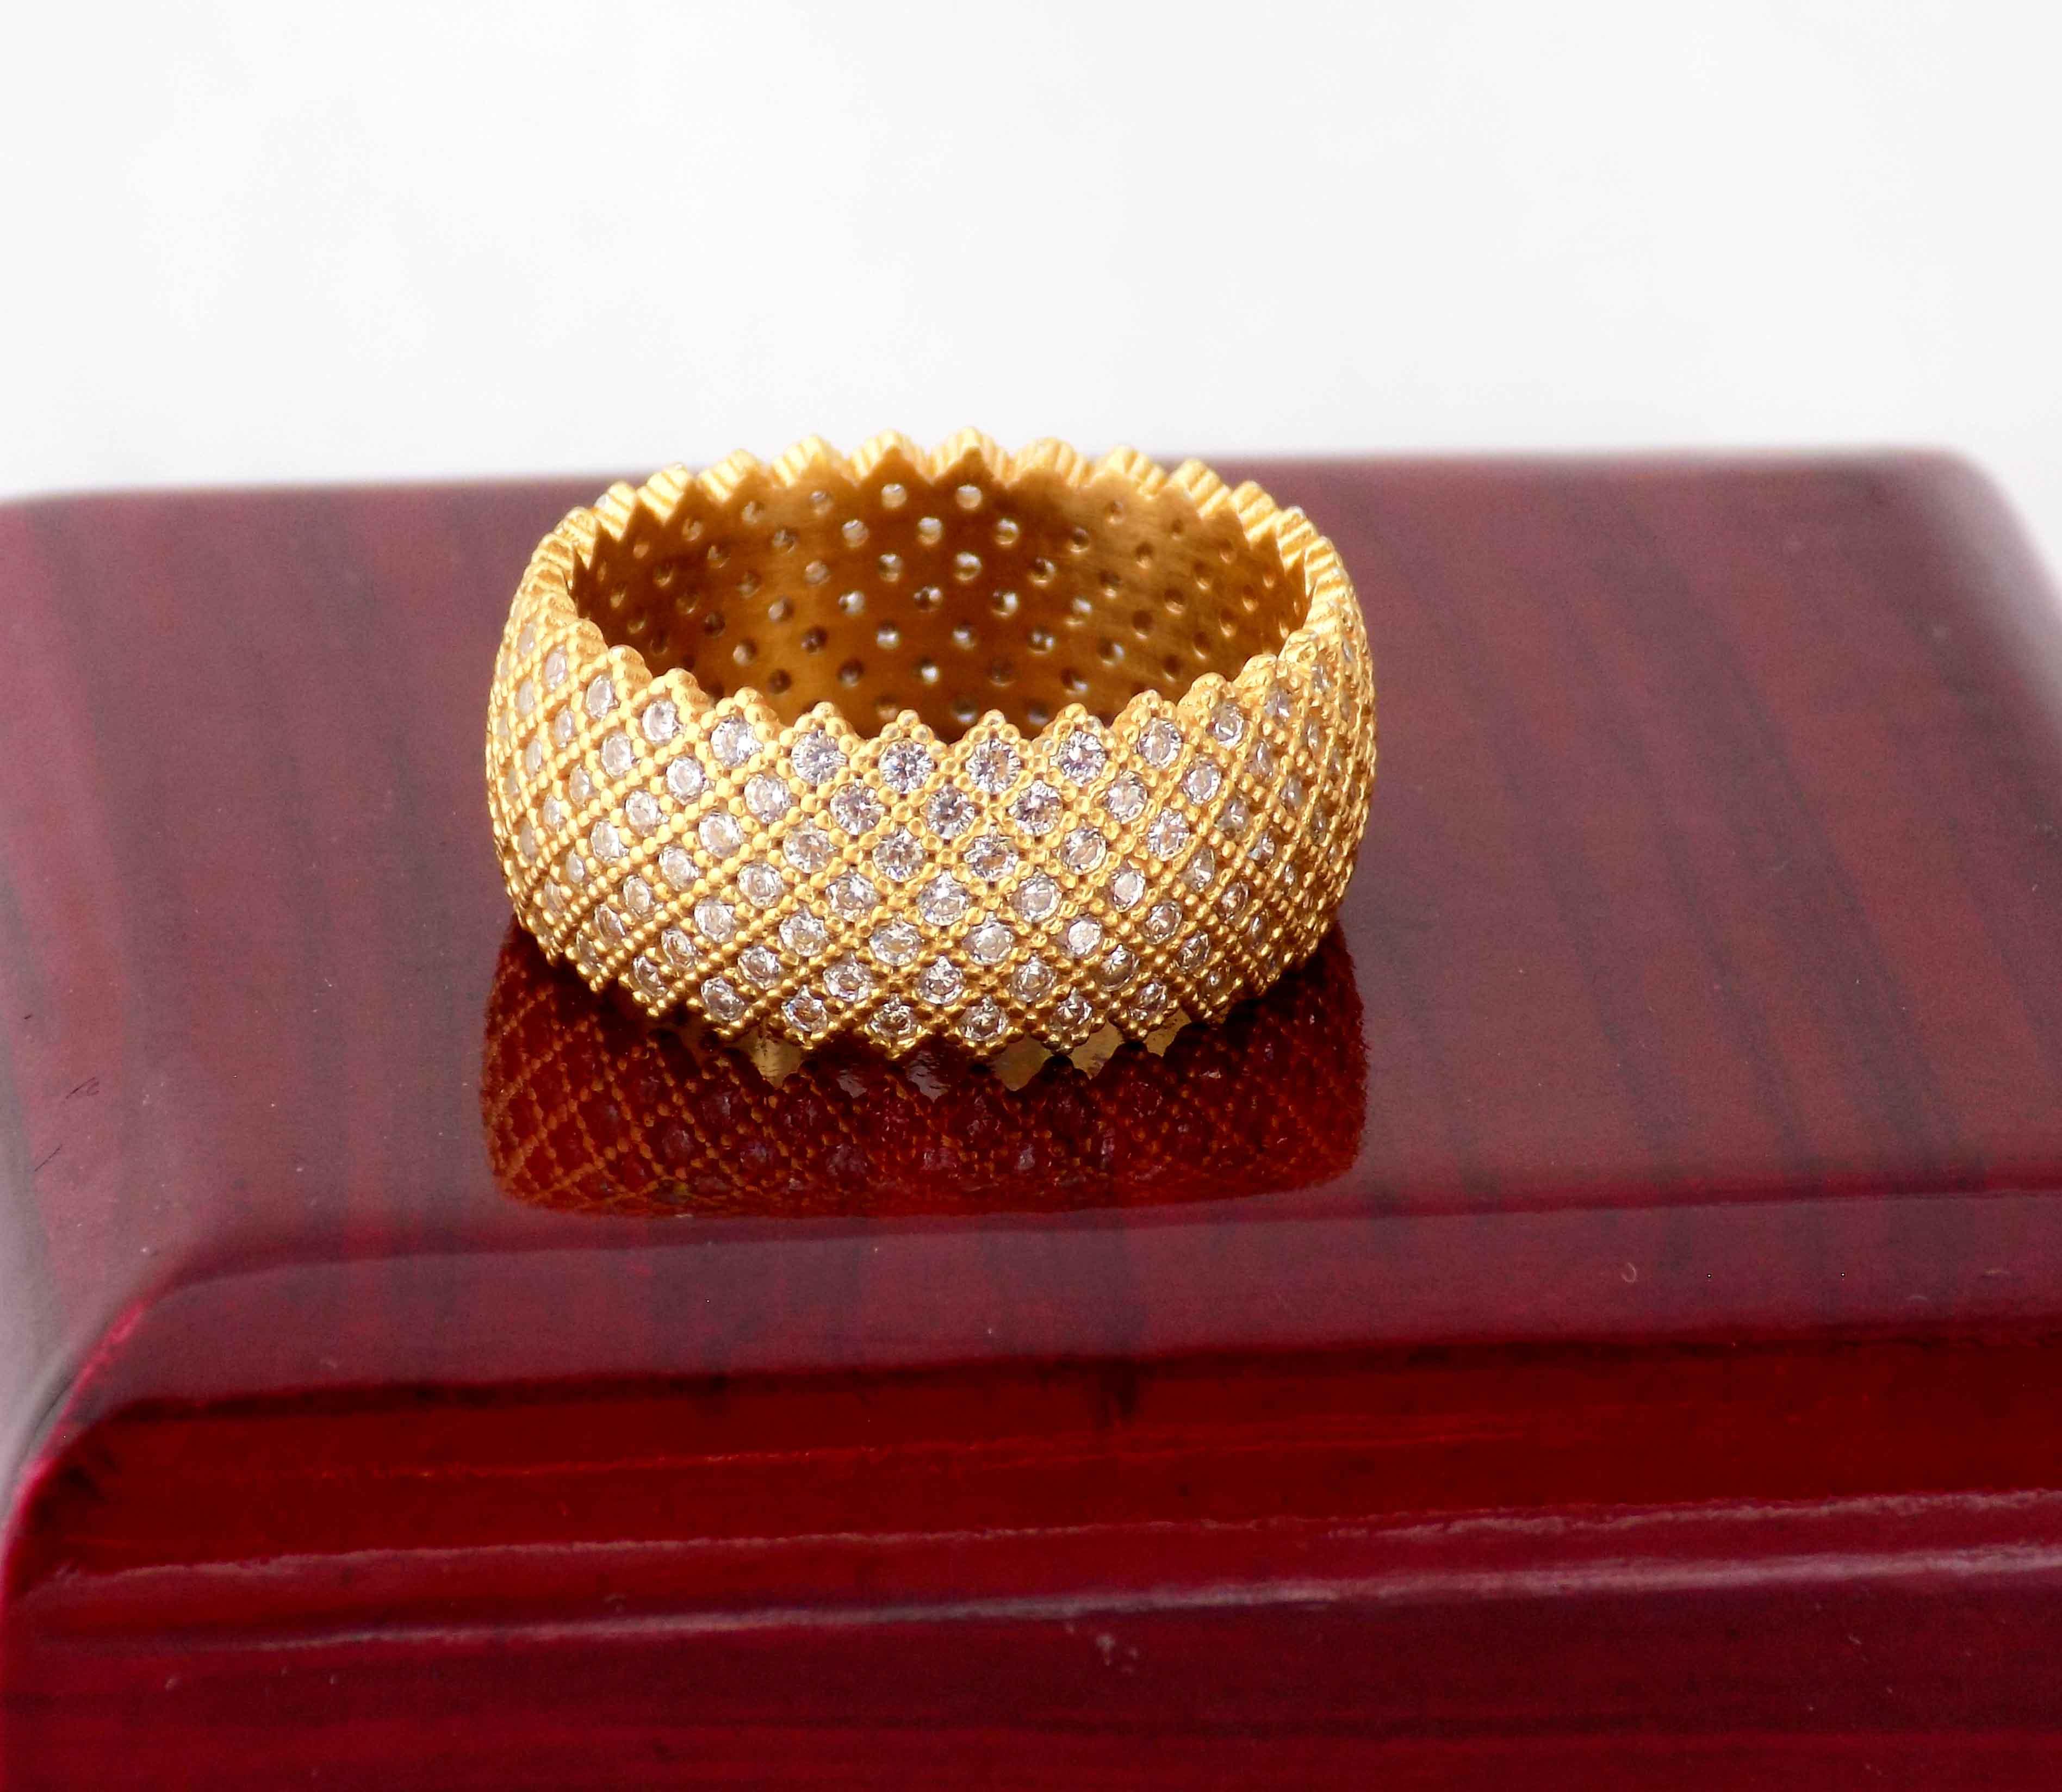 انگشتر نقره زنانه طلایی پرنگین طرح حلقه rg-n315 از نمای جدید